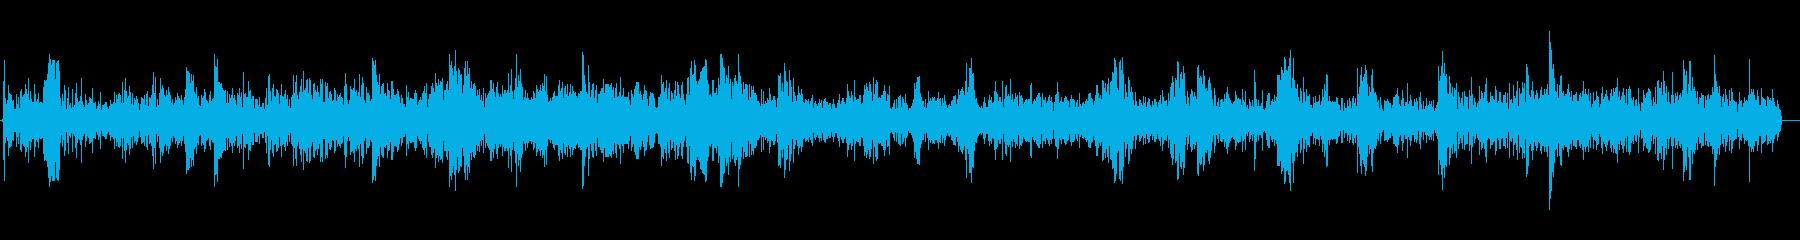 水が流れる音(ロング)の再生済みの波形